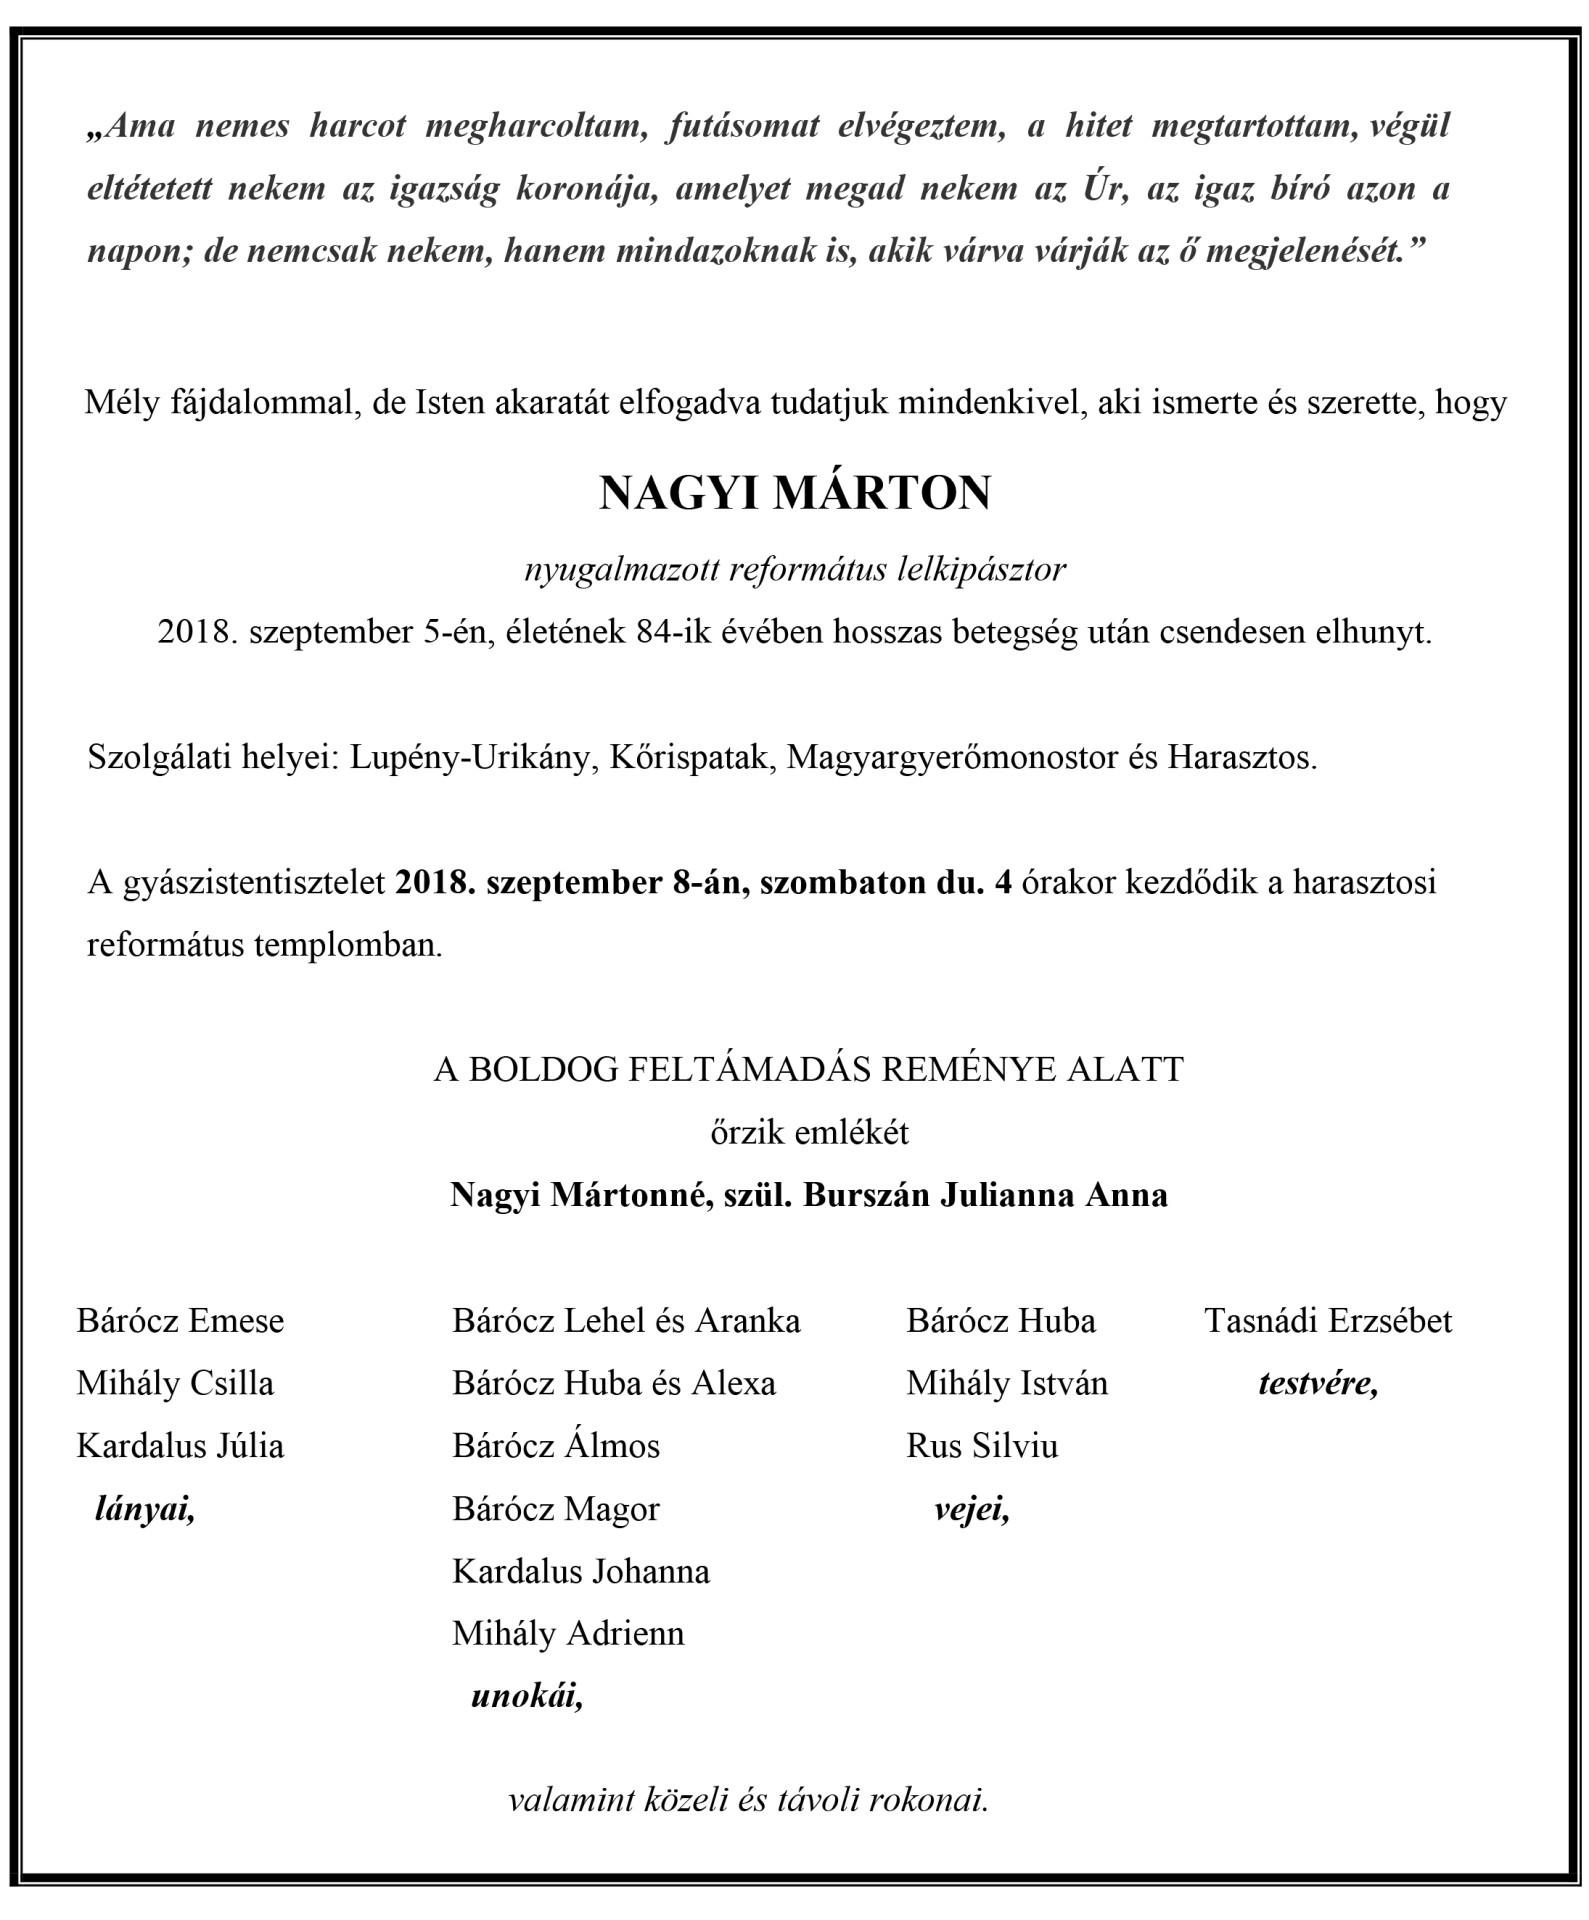 Gyászjelentés  - Nagyi Márton